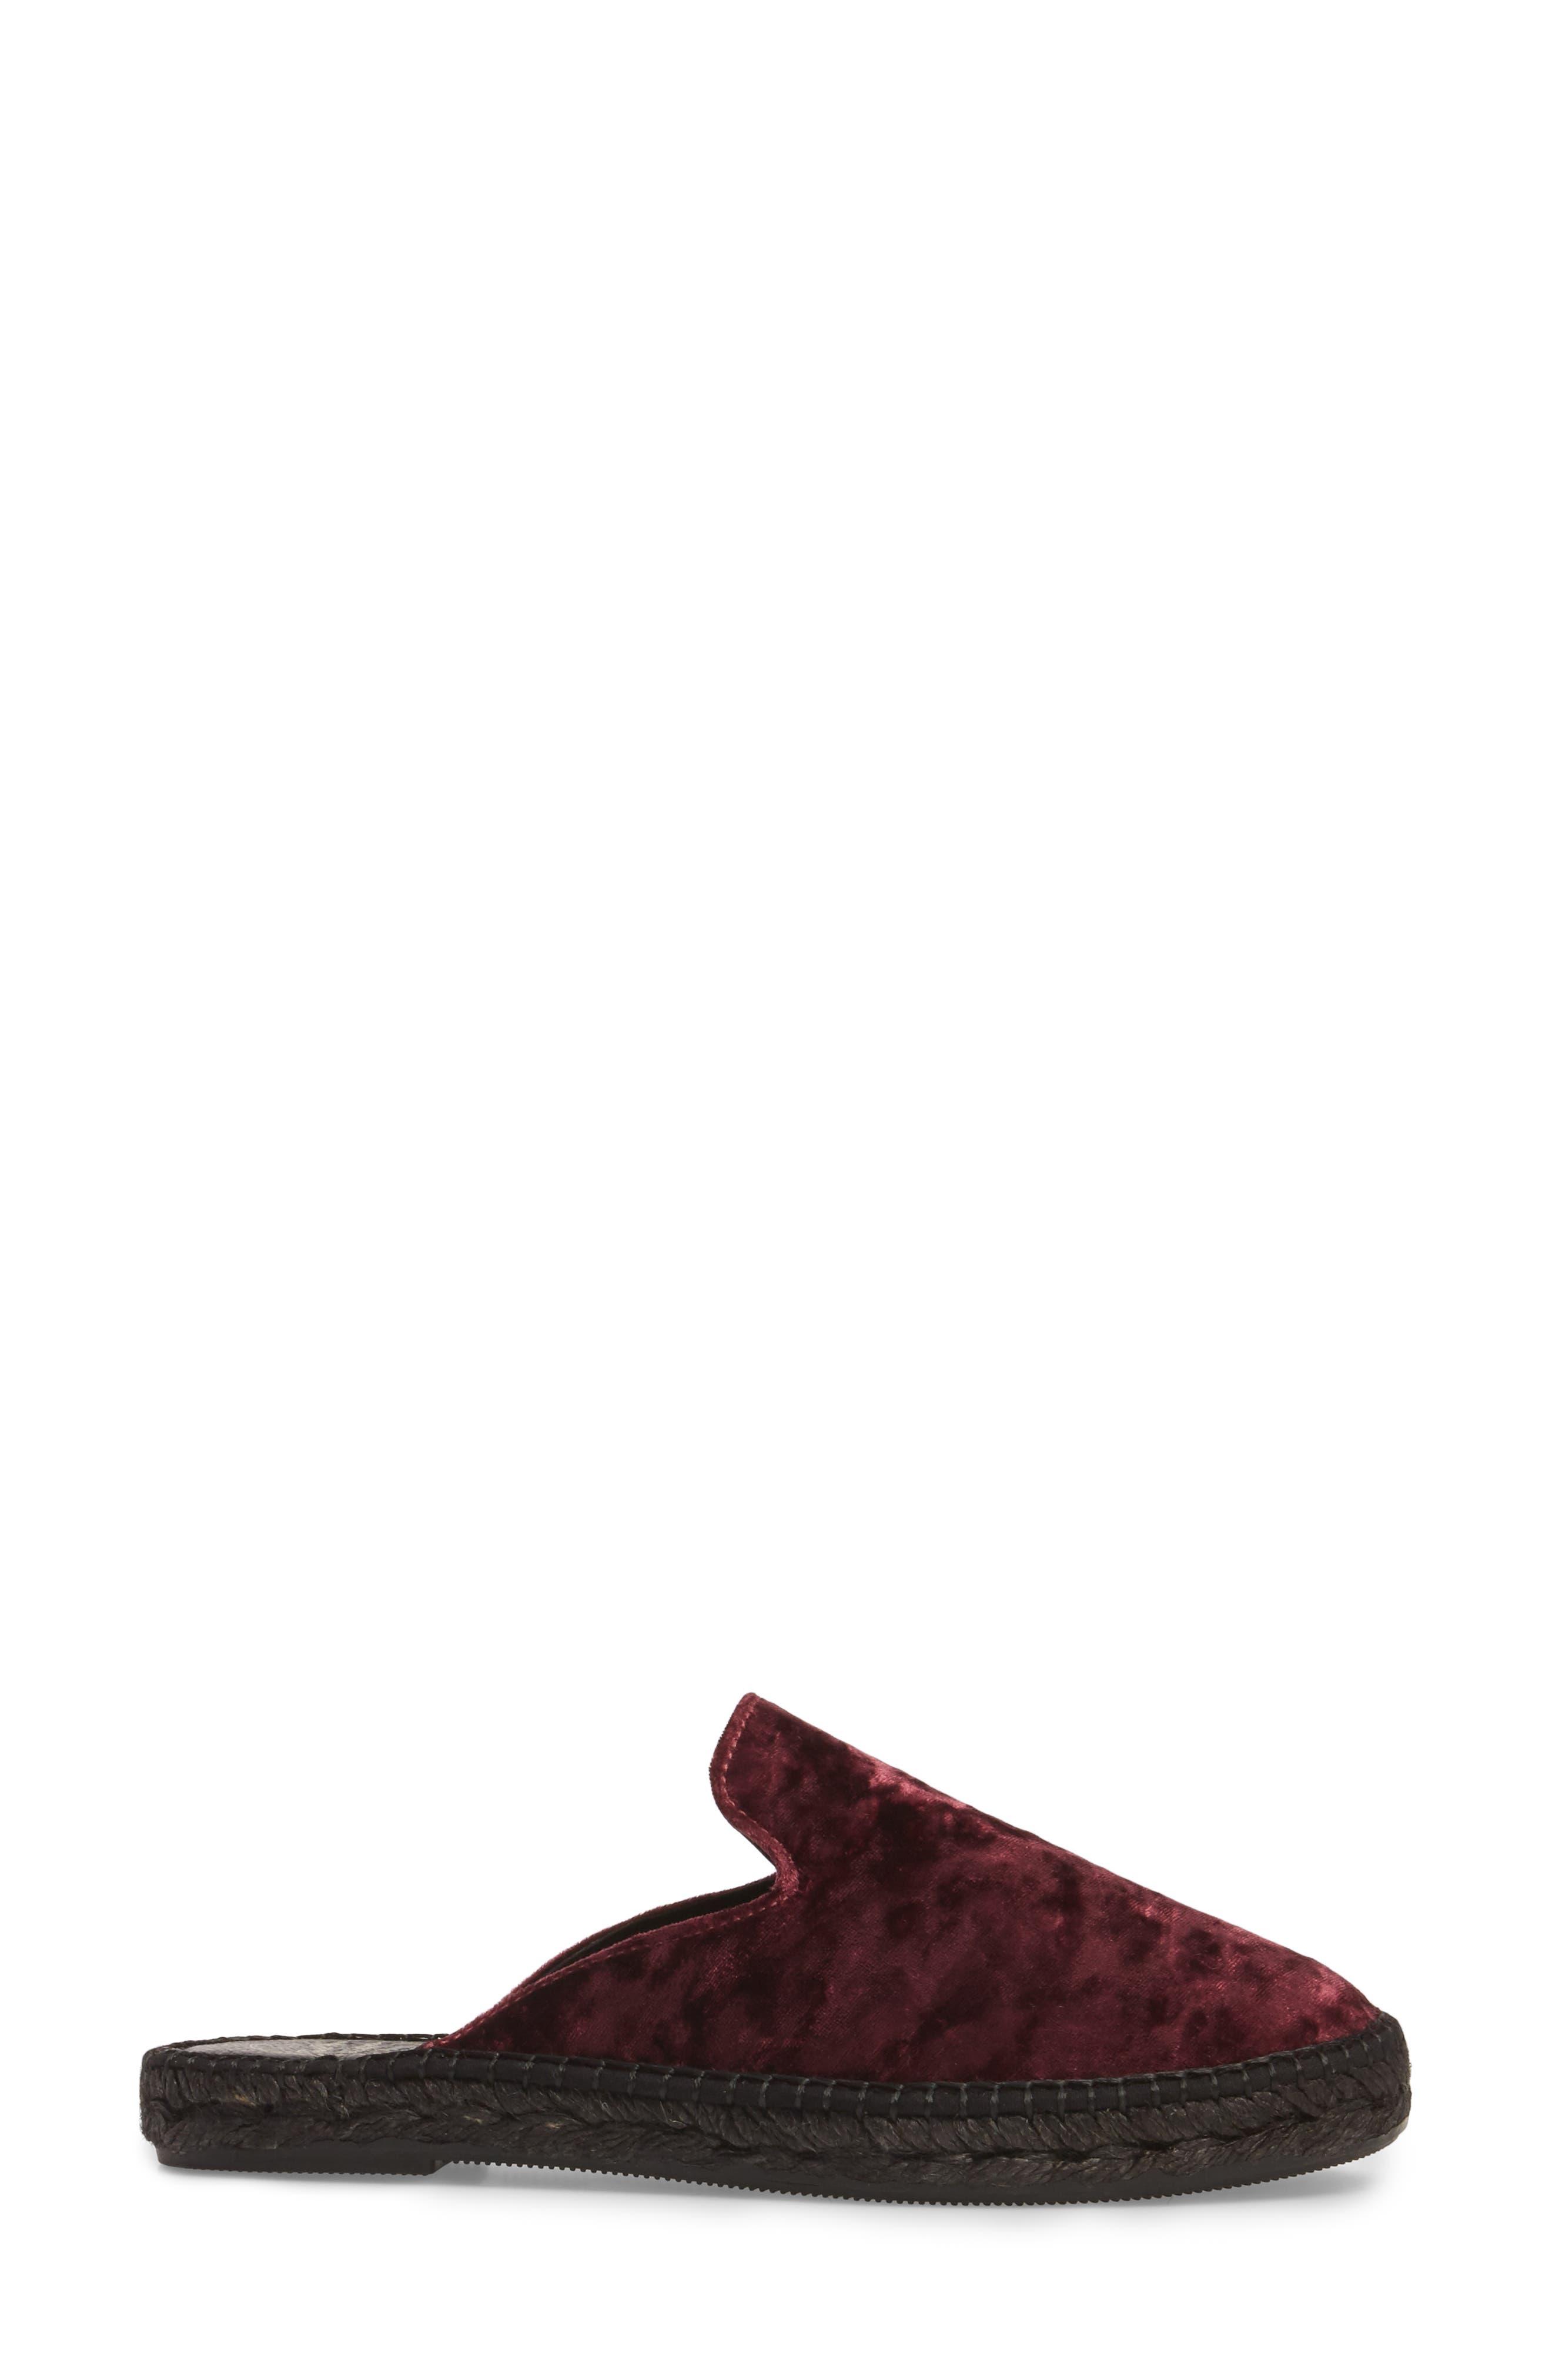 Malmo Espadrille Slipper Mule,                             Alternate thumbnail 3, color,                             Burgundy Velvet